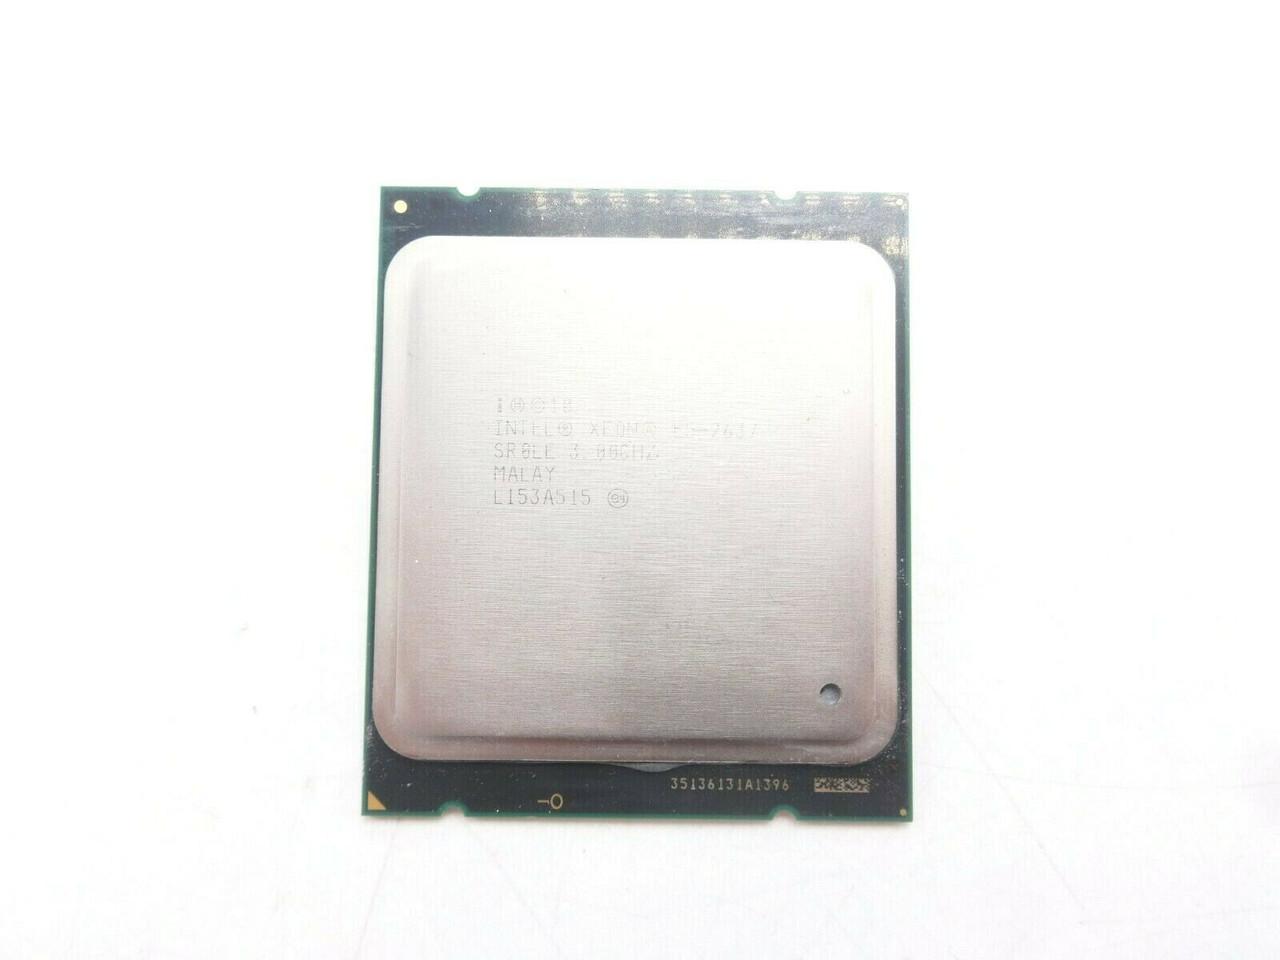 Intel SR0LE Xeon 3.0 GHz E5-2637 DC Processor